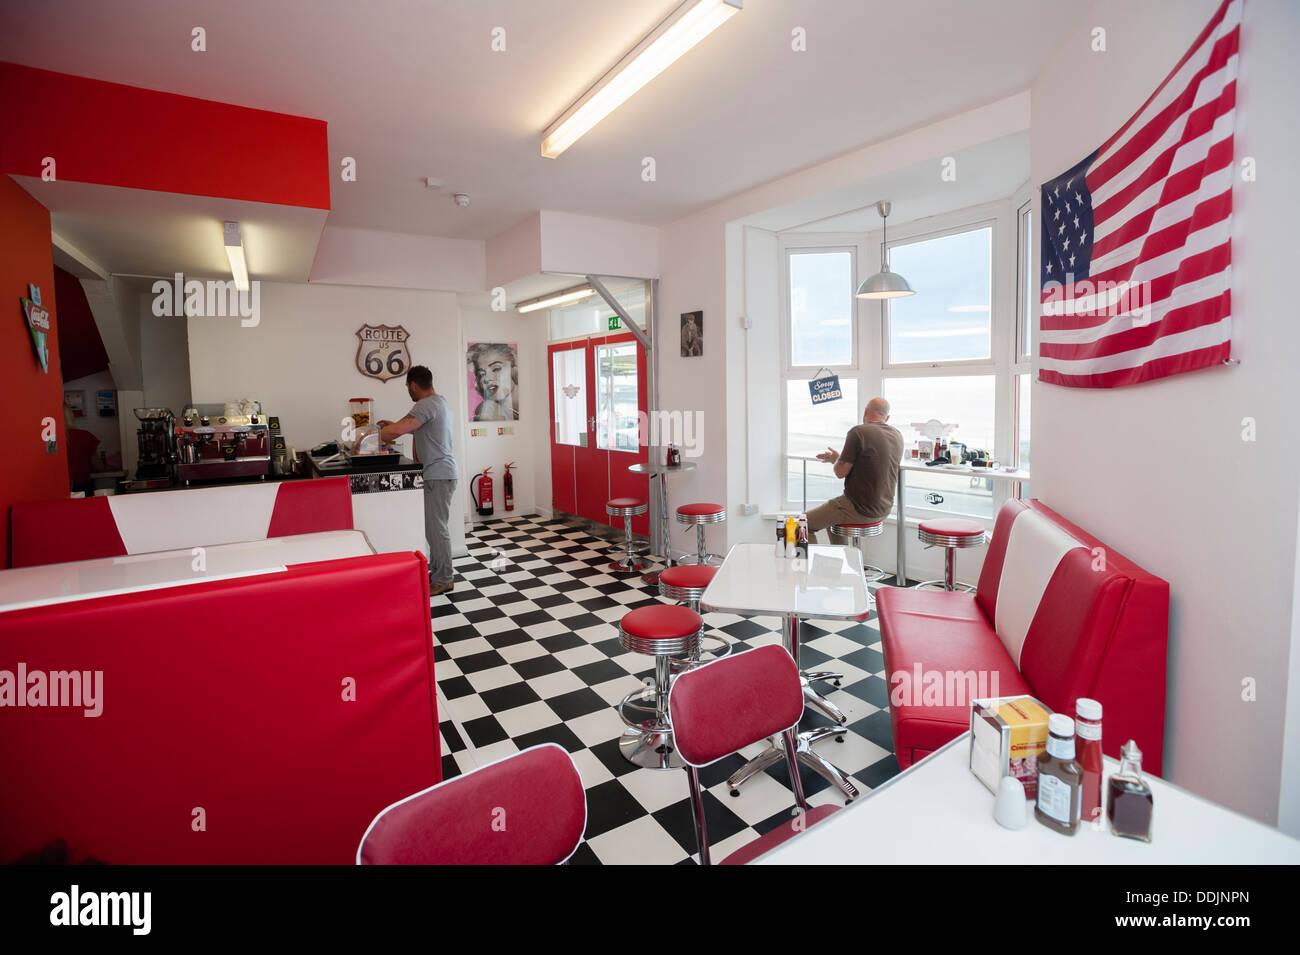 Interieur, TY es amerikanisches retro 50er Jahre Diner Café, Aberystwyth Wales UK. Stockbild